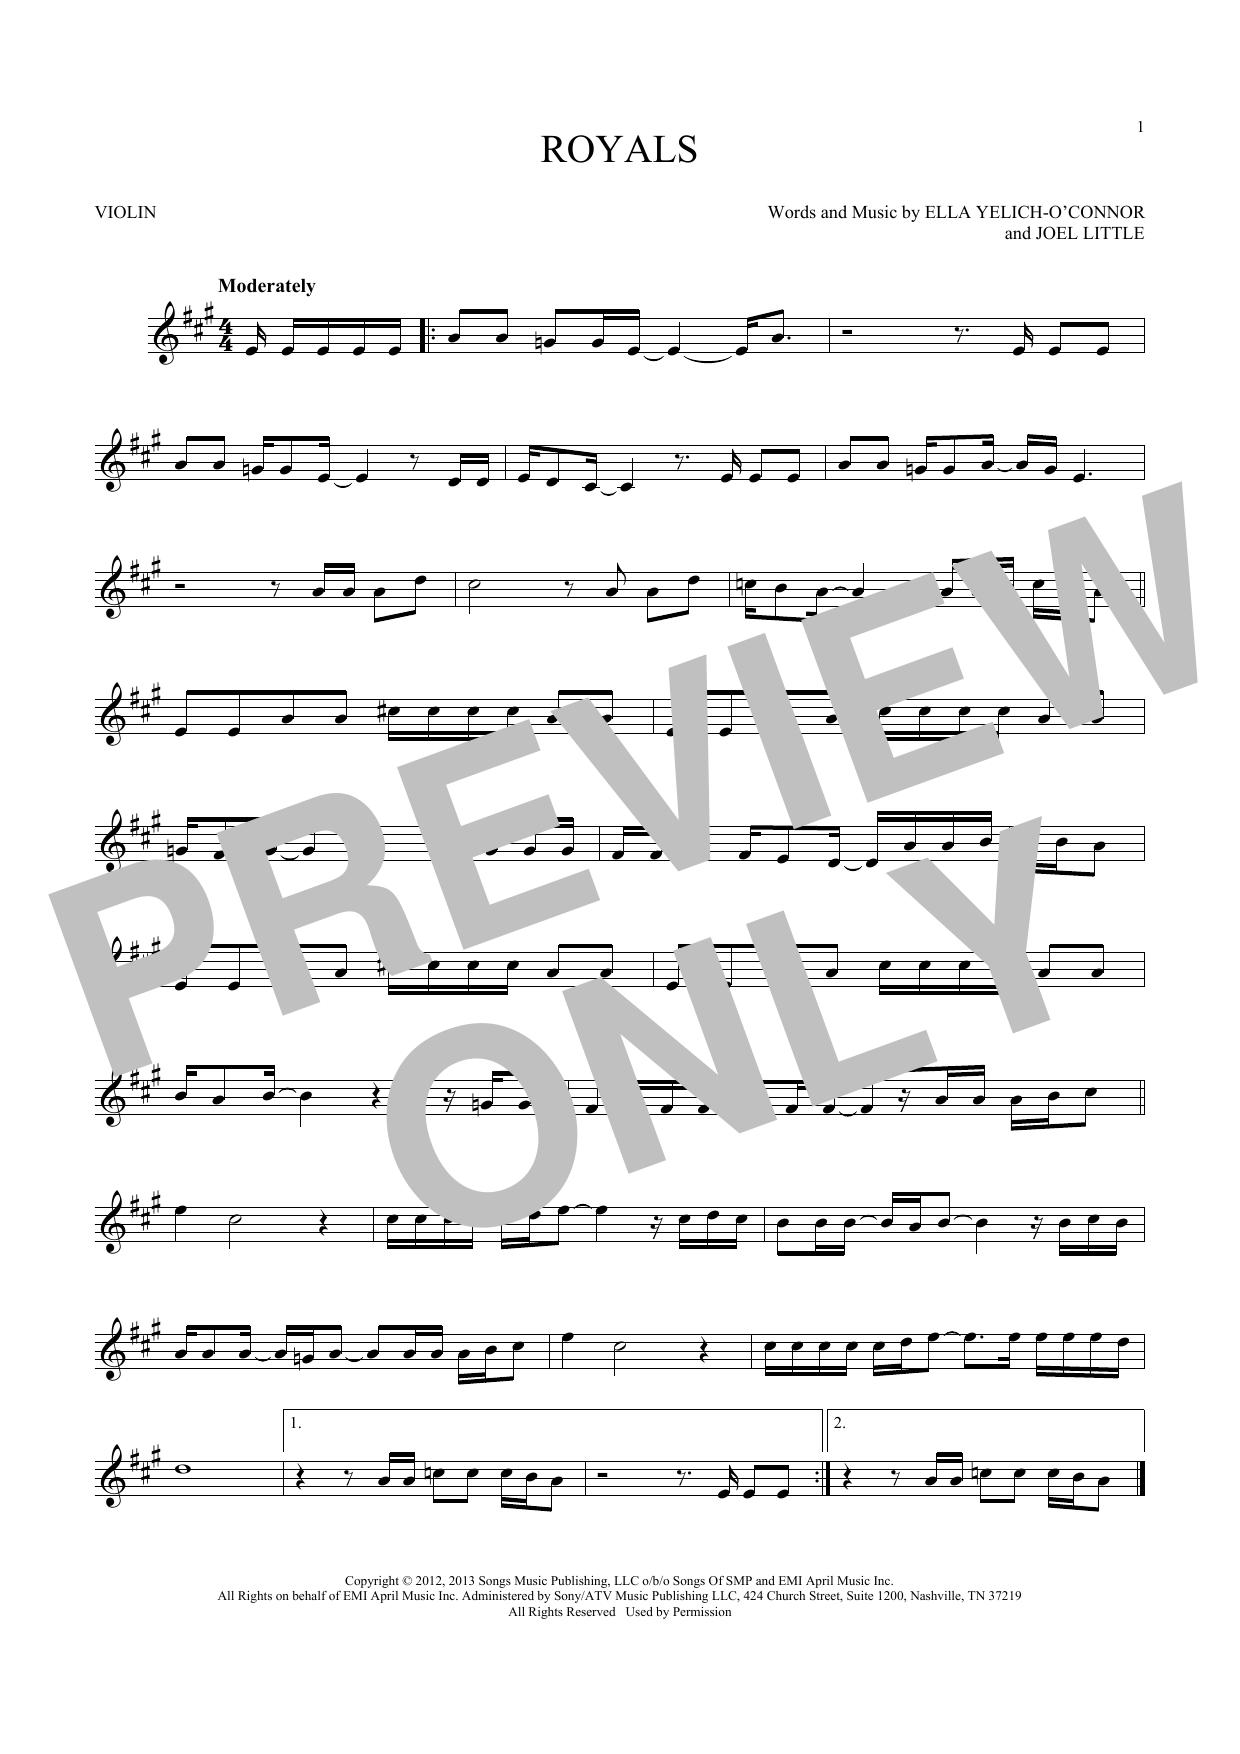 Lorde 'Royals' Sheet Music Notes, Chords   Download Printable Violin - SKU:  180511